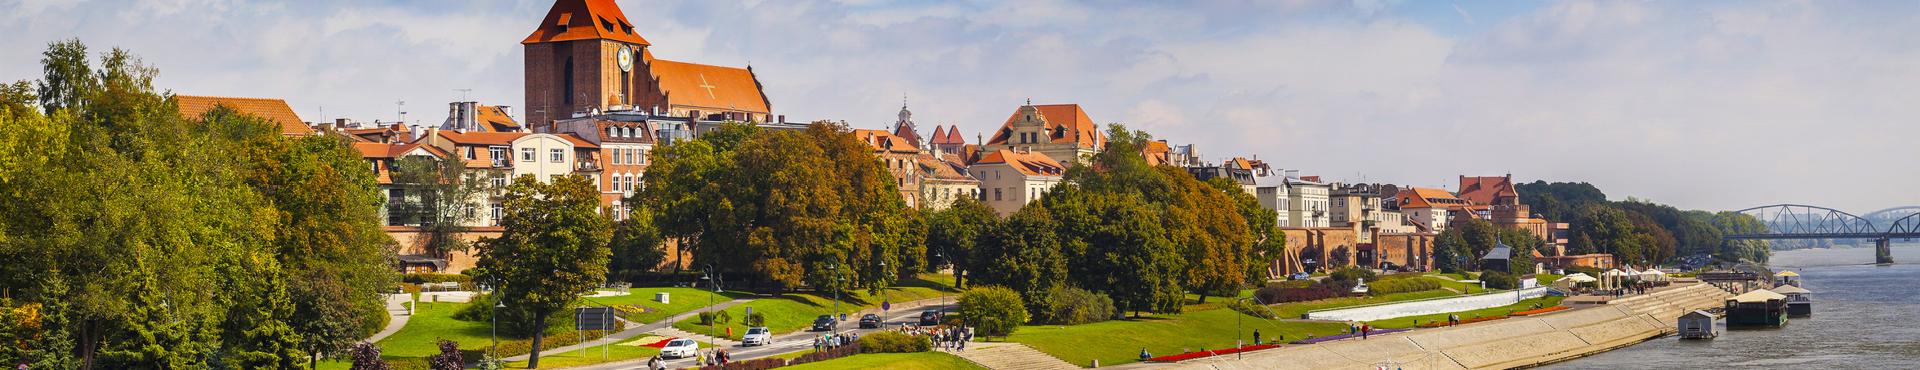 טיול מאורגן לפולין  - תרבות והיסטוריה, טבע ונופי עולם מרהיבים